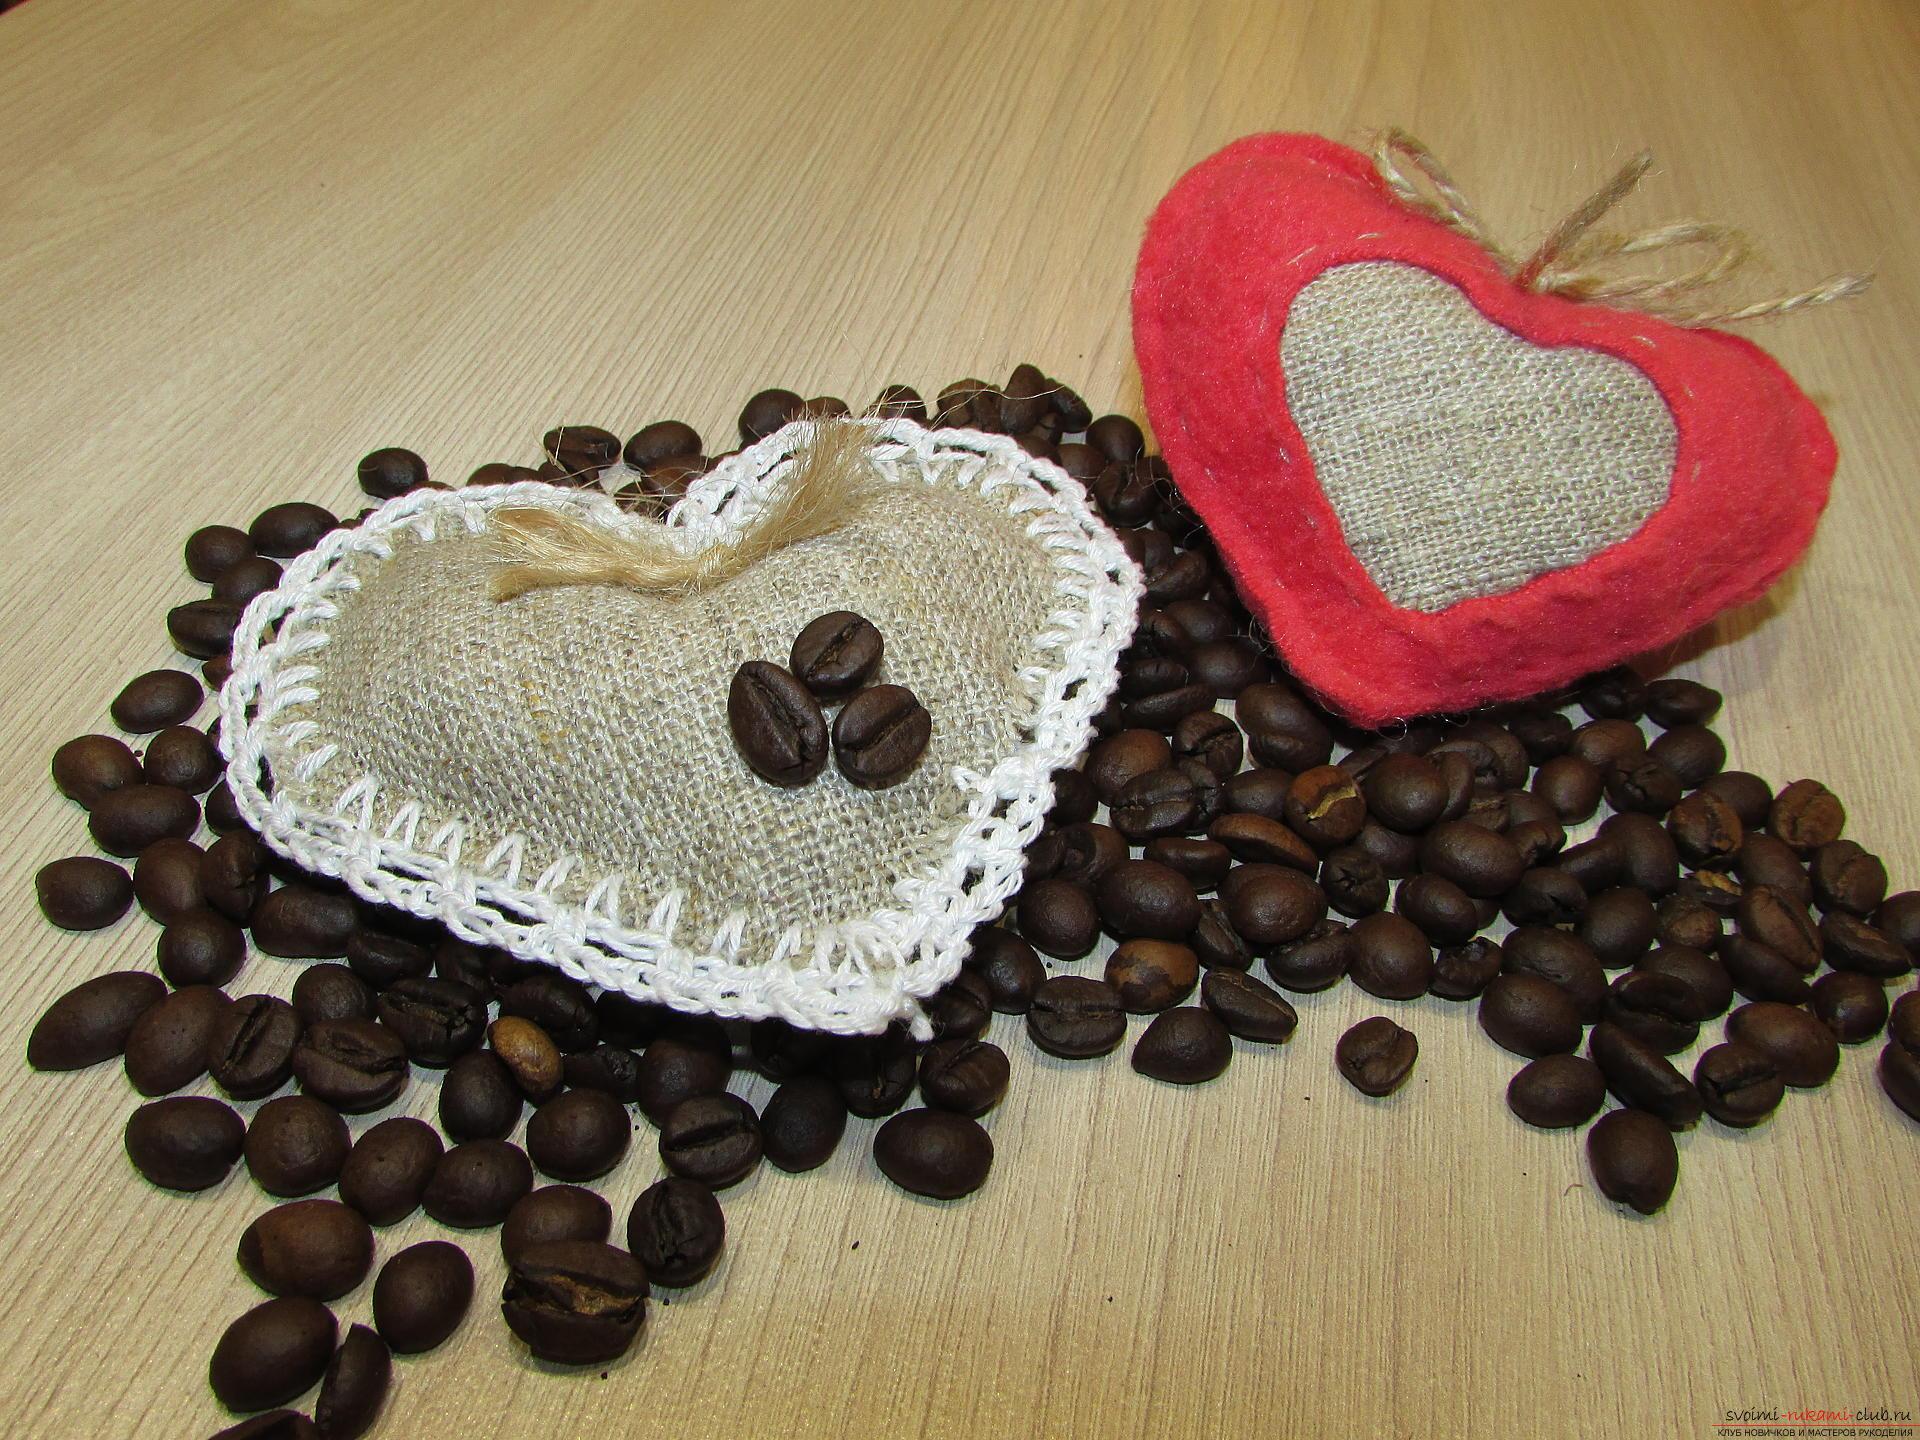 Этот мастер-класс научит как сделать поделку из зерен кофе - ароматическую подушечку